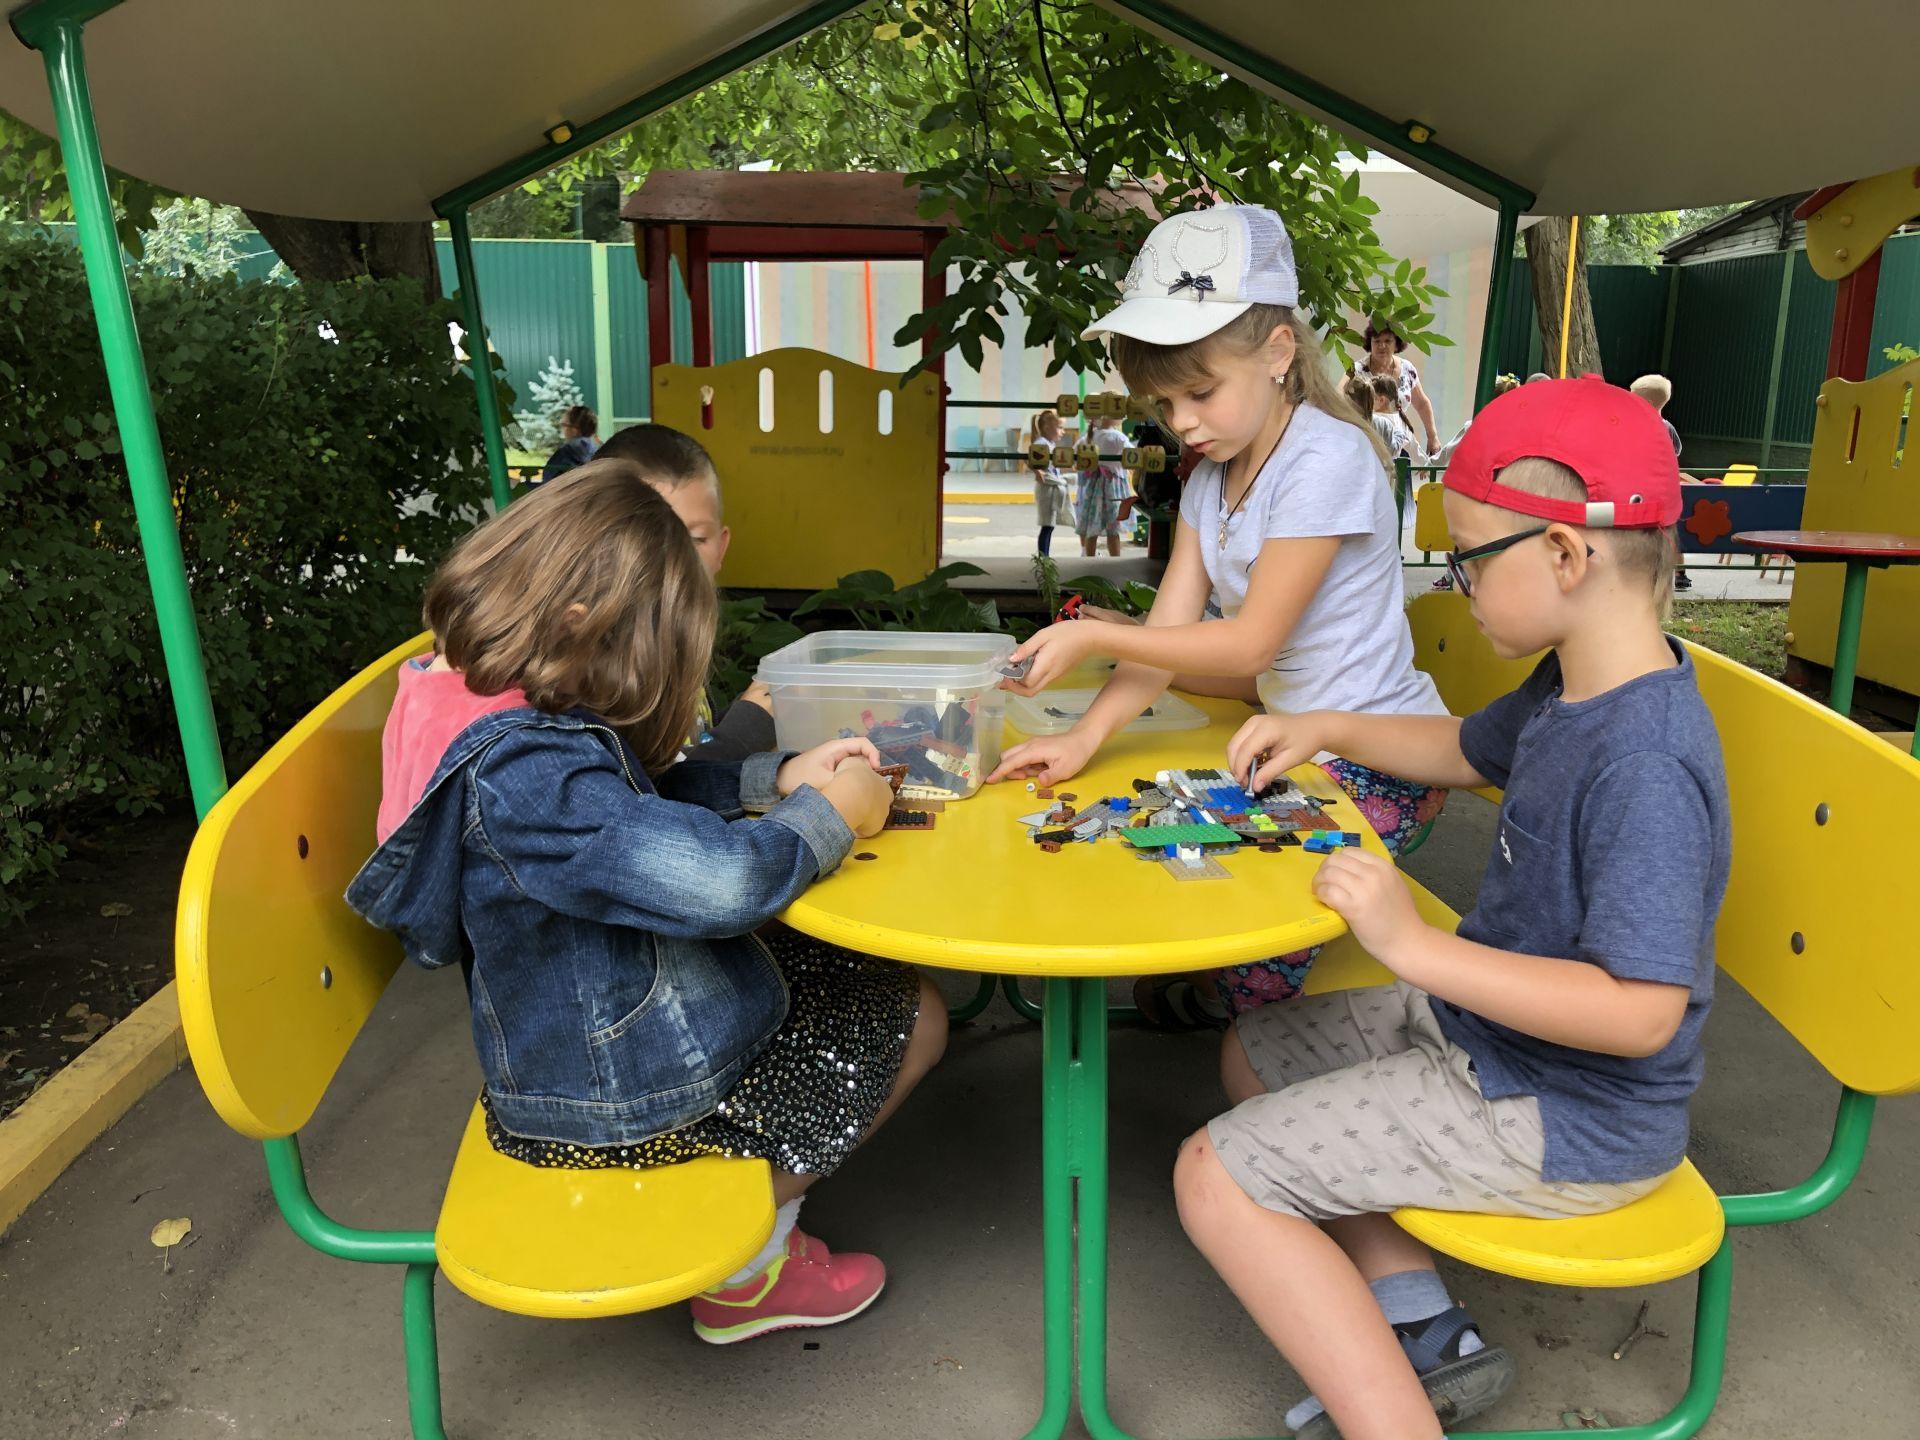 Детский сад № 67 соответствует офтальмологическим требованиям